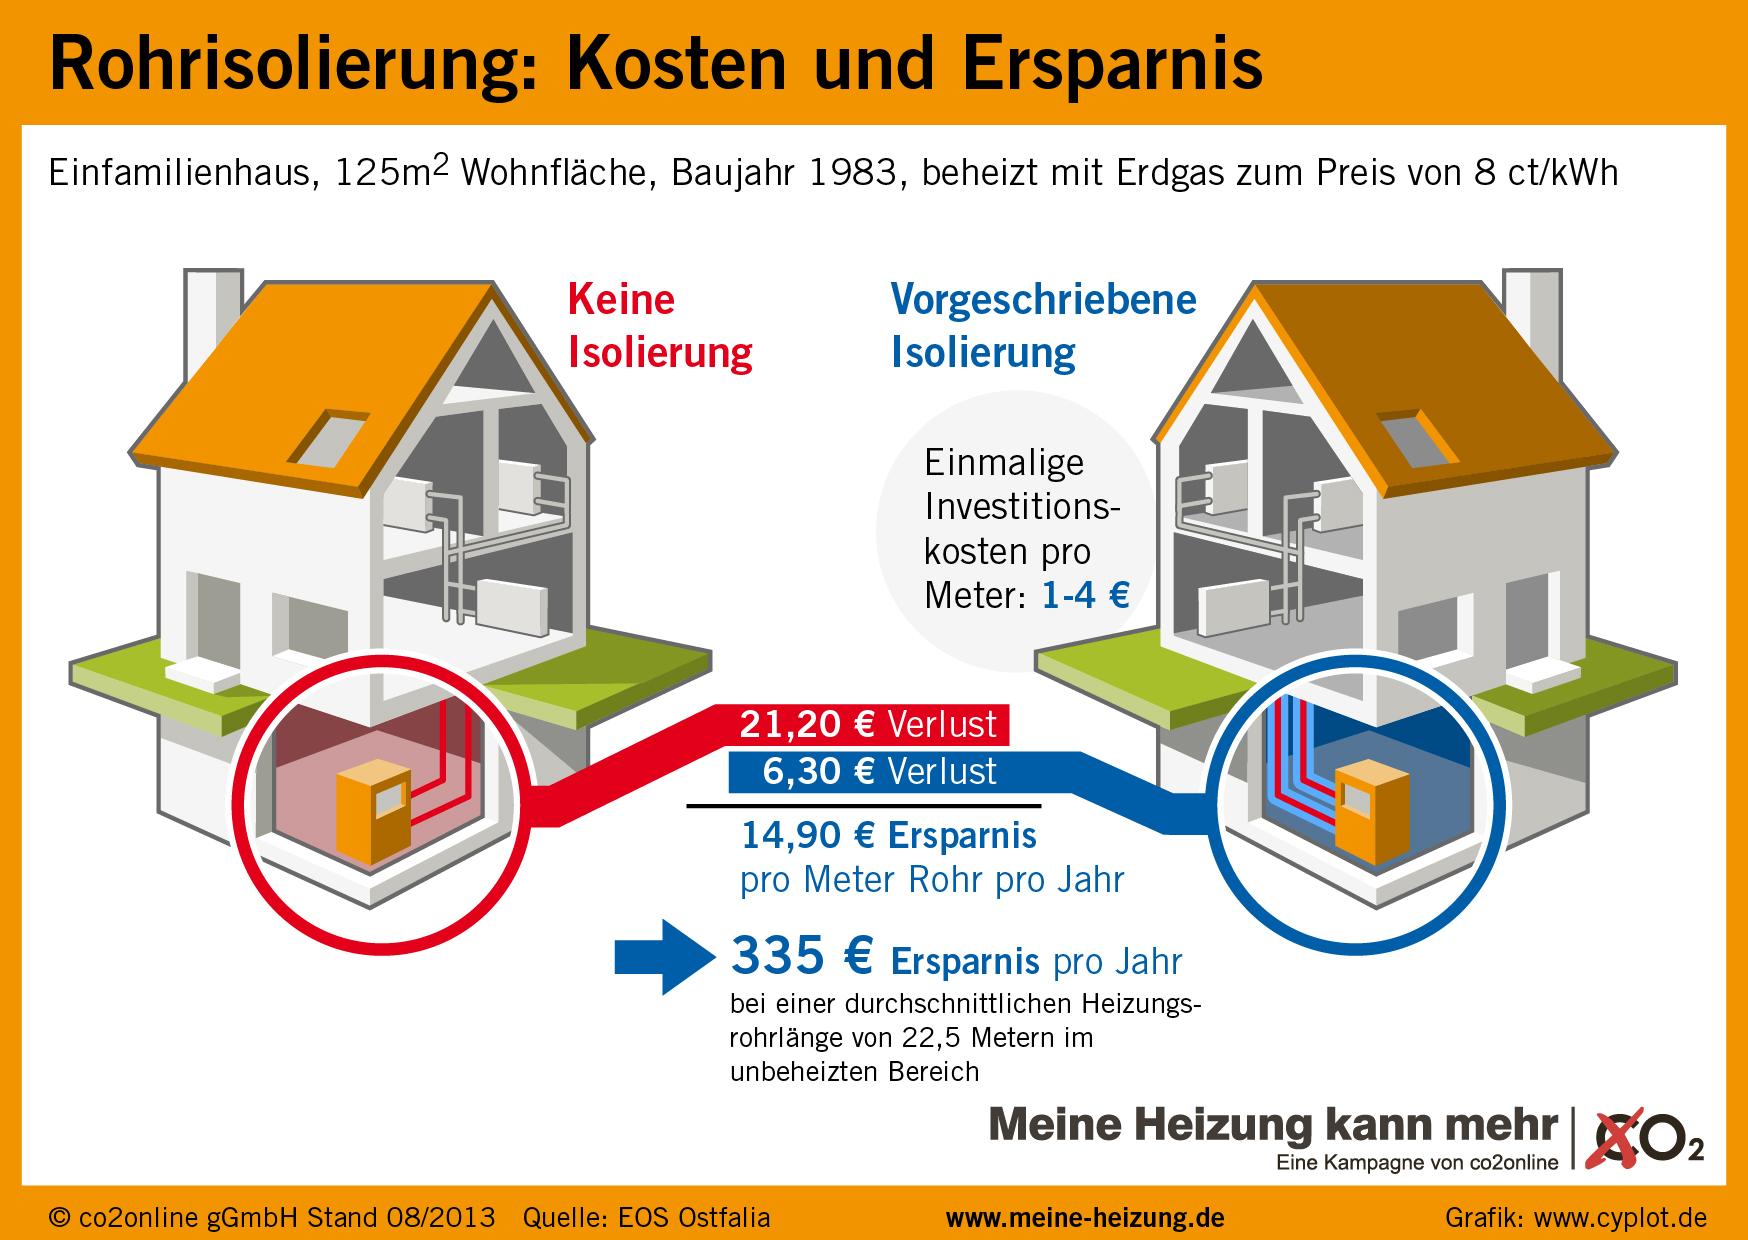 ▷ rohrisolierung spart pro jahr 335 euro heizkosten (mit infografik